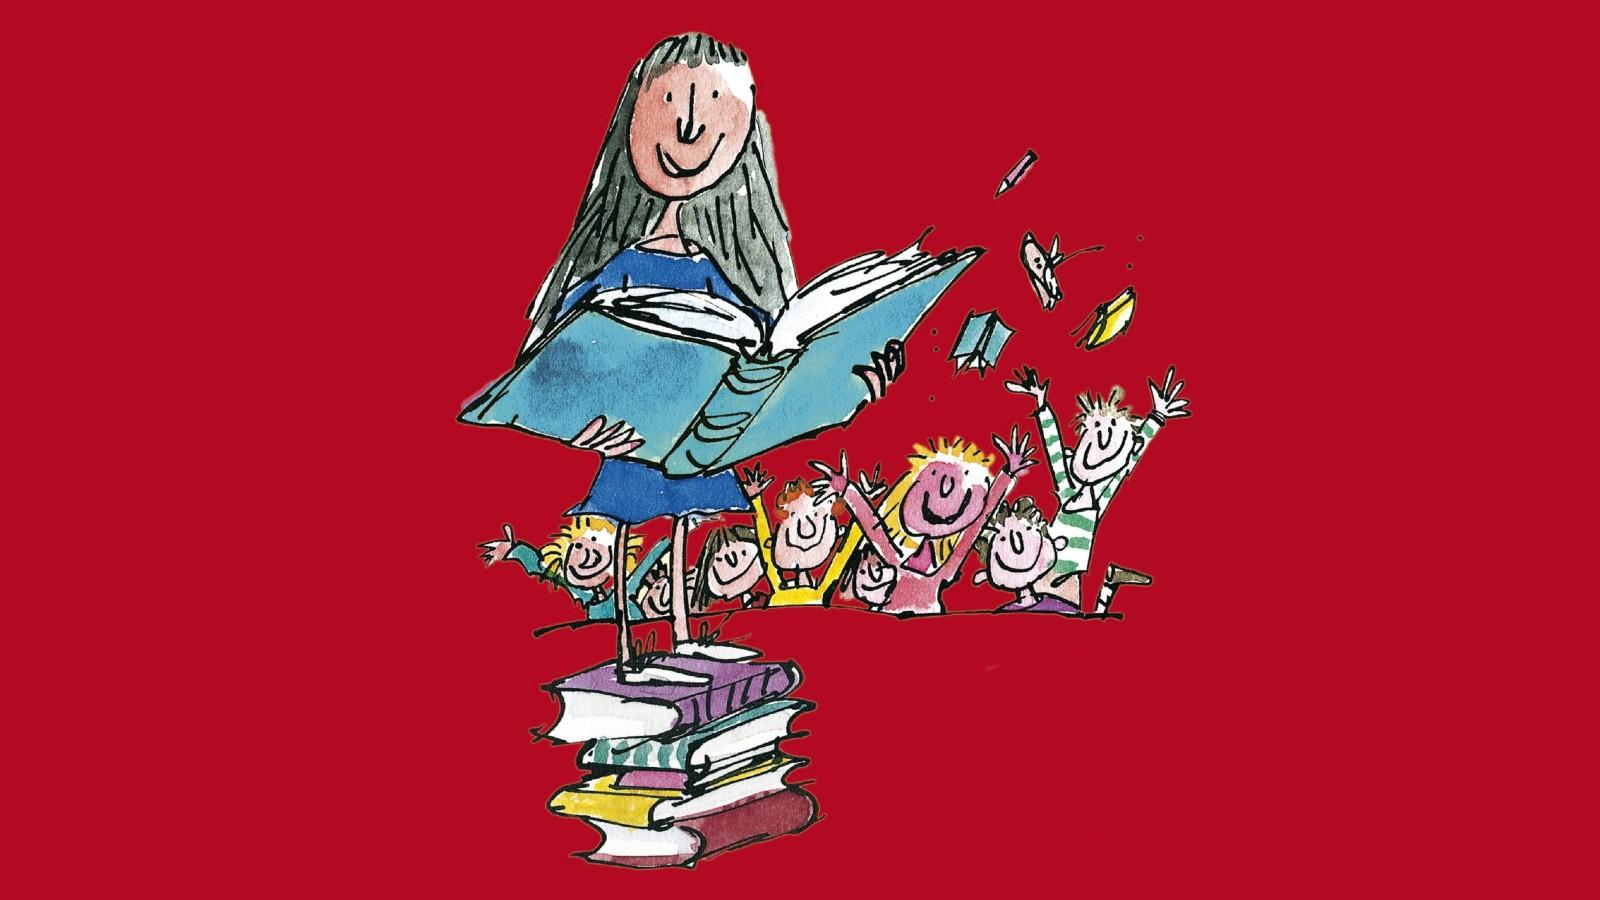 Elogio de Roald Dahl